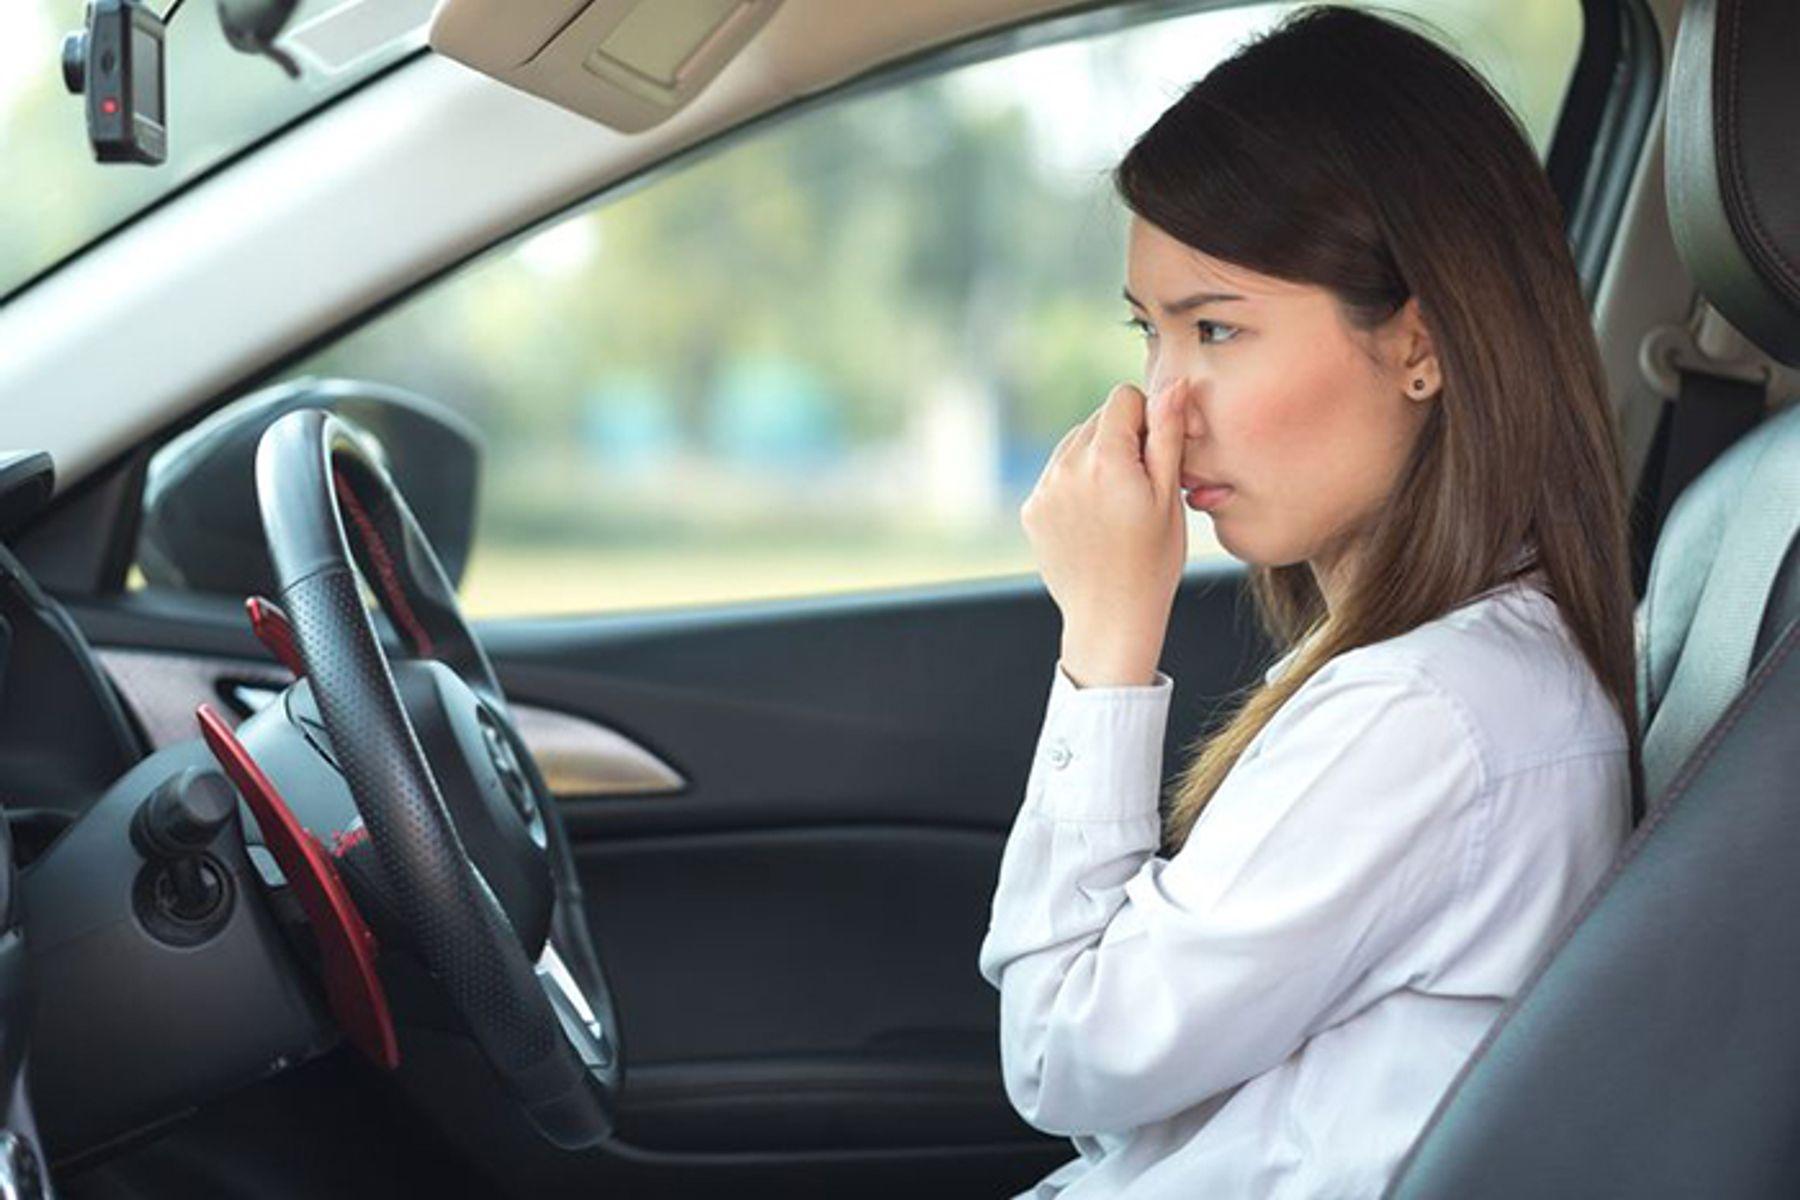 cách khử mùi xe ô tô mới hiệu quả